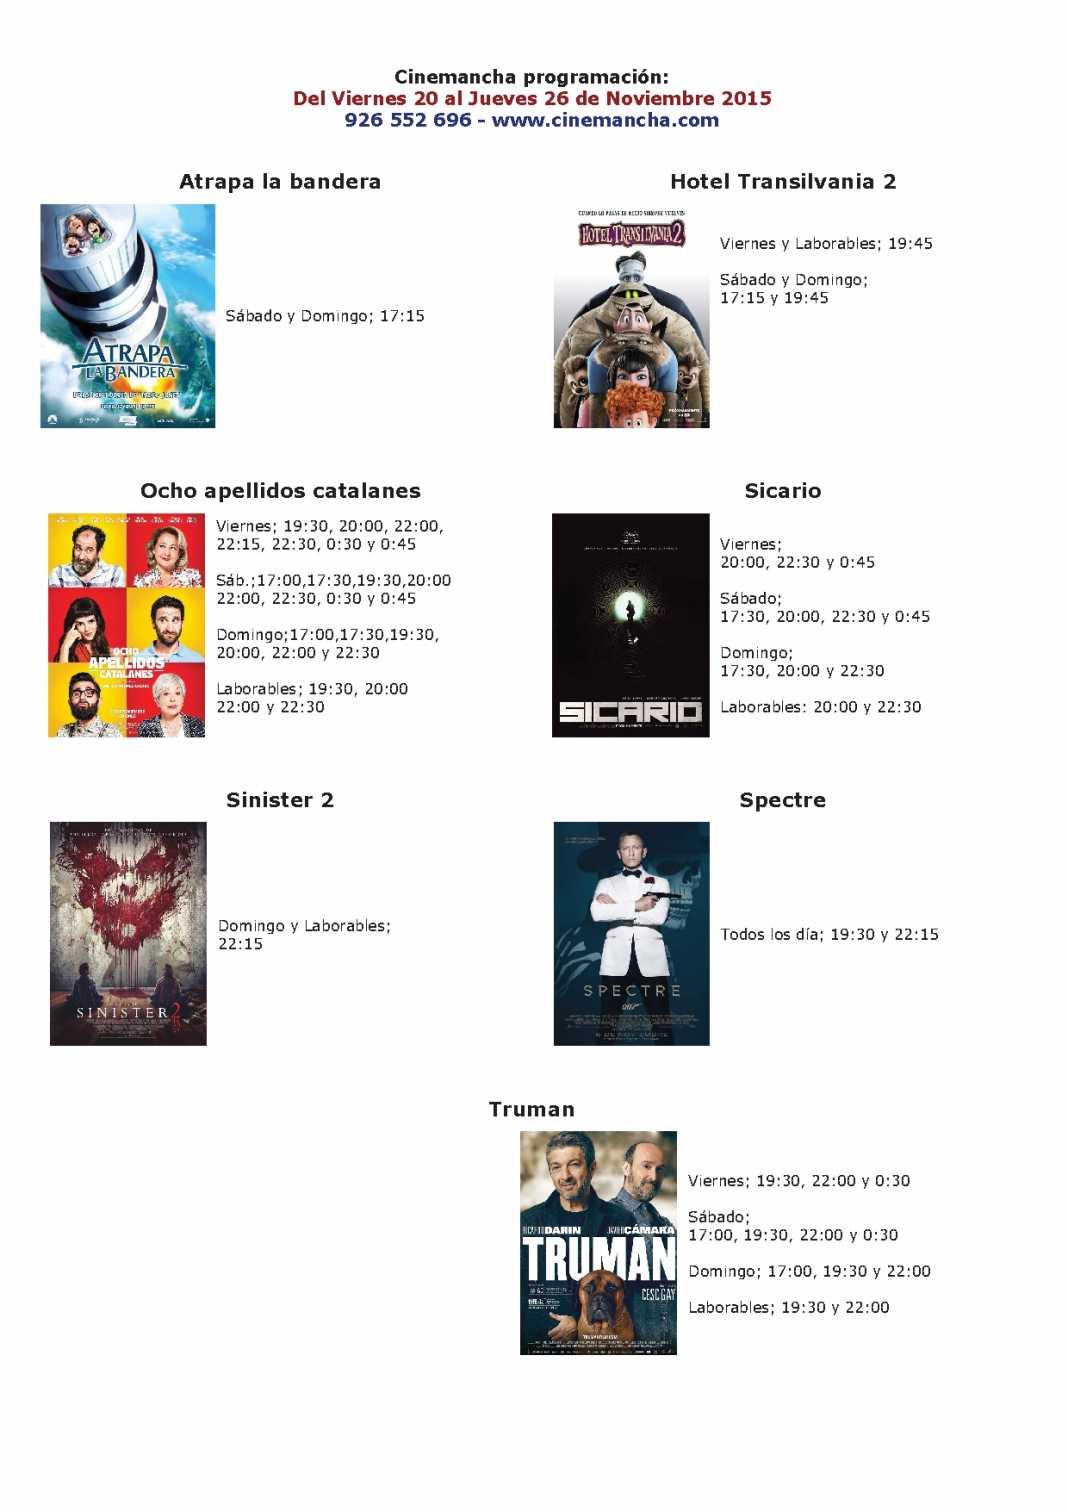 Programación Cinemancha del 20 al 26 de noviembre 1